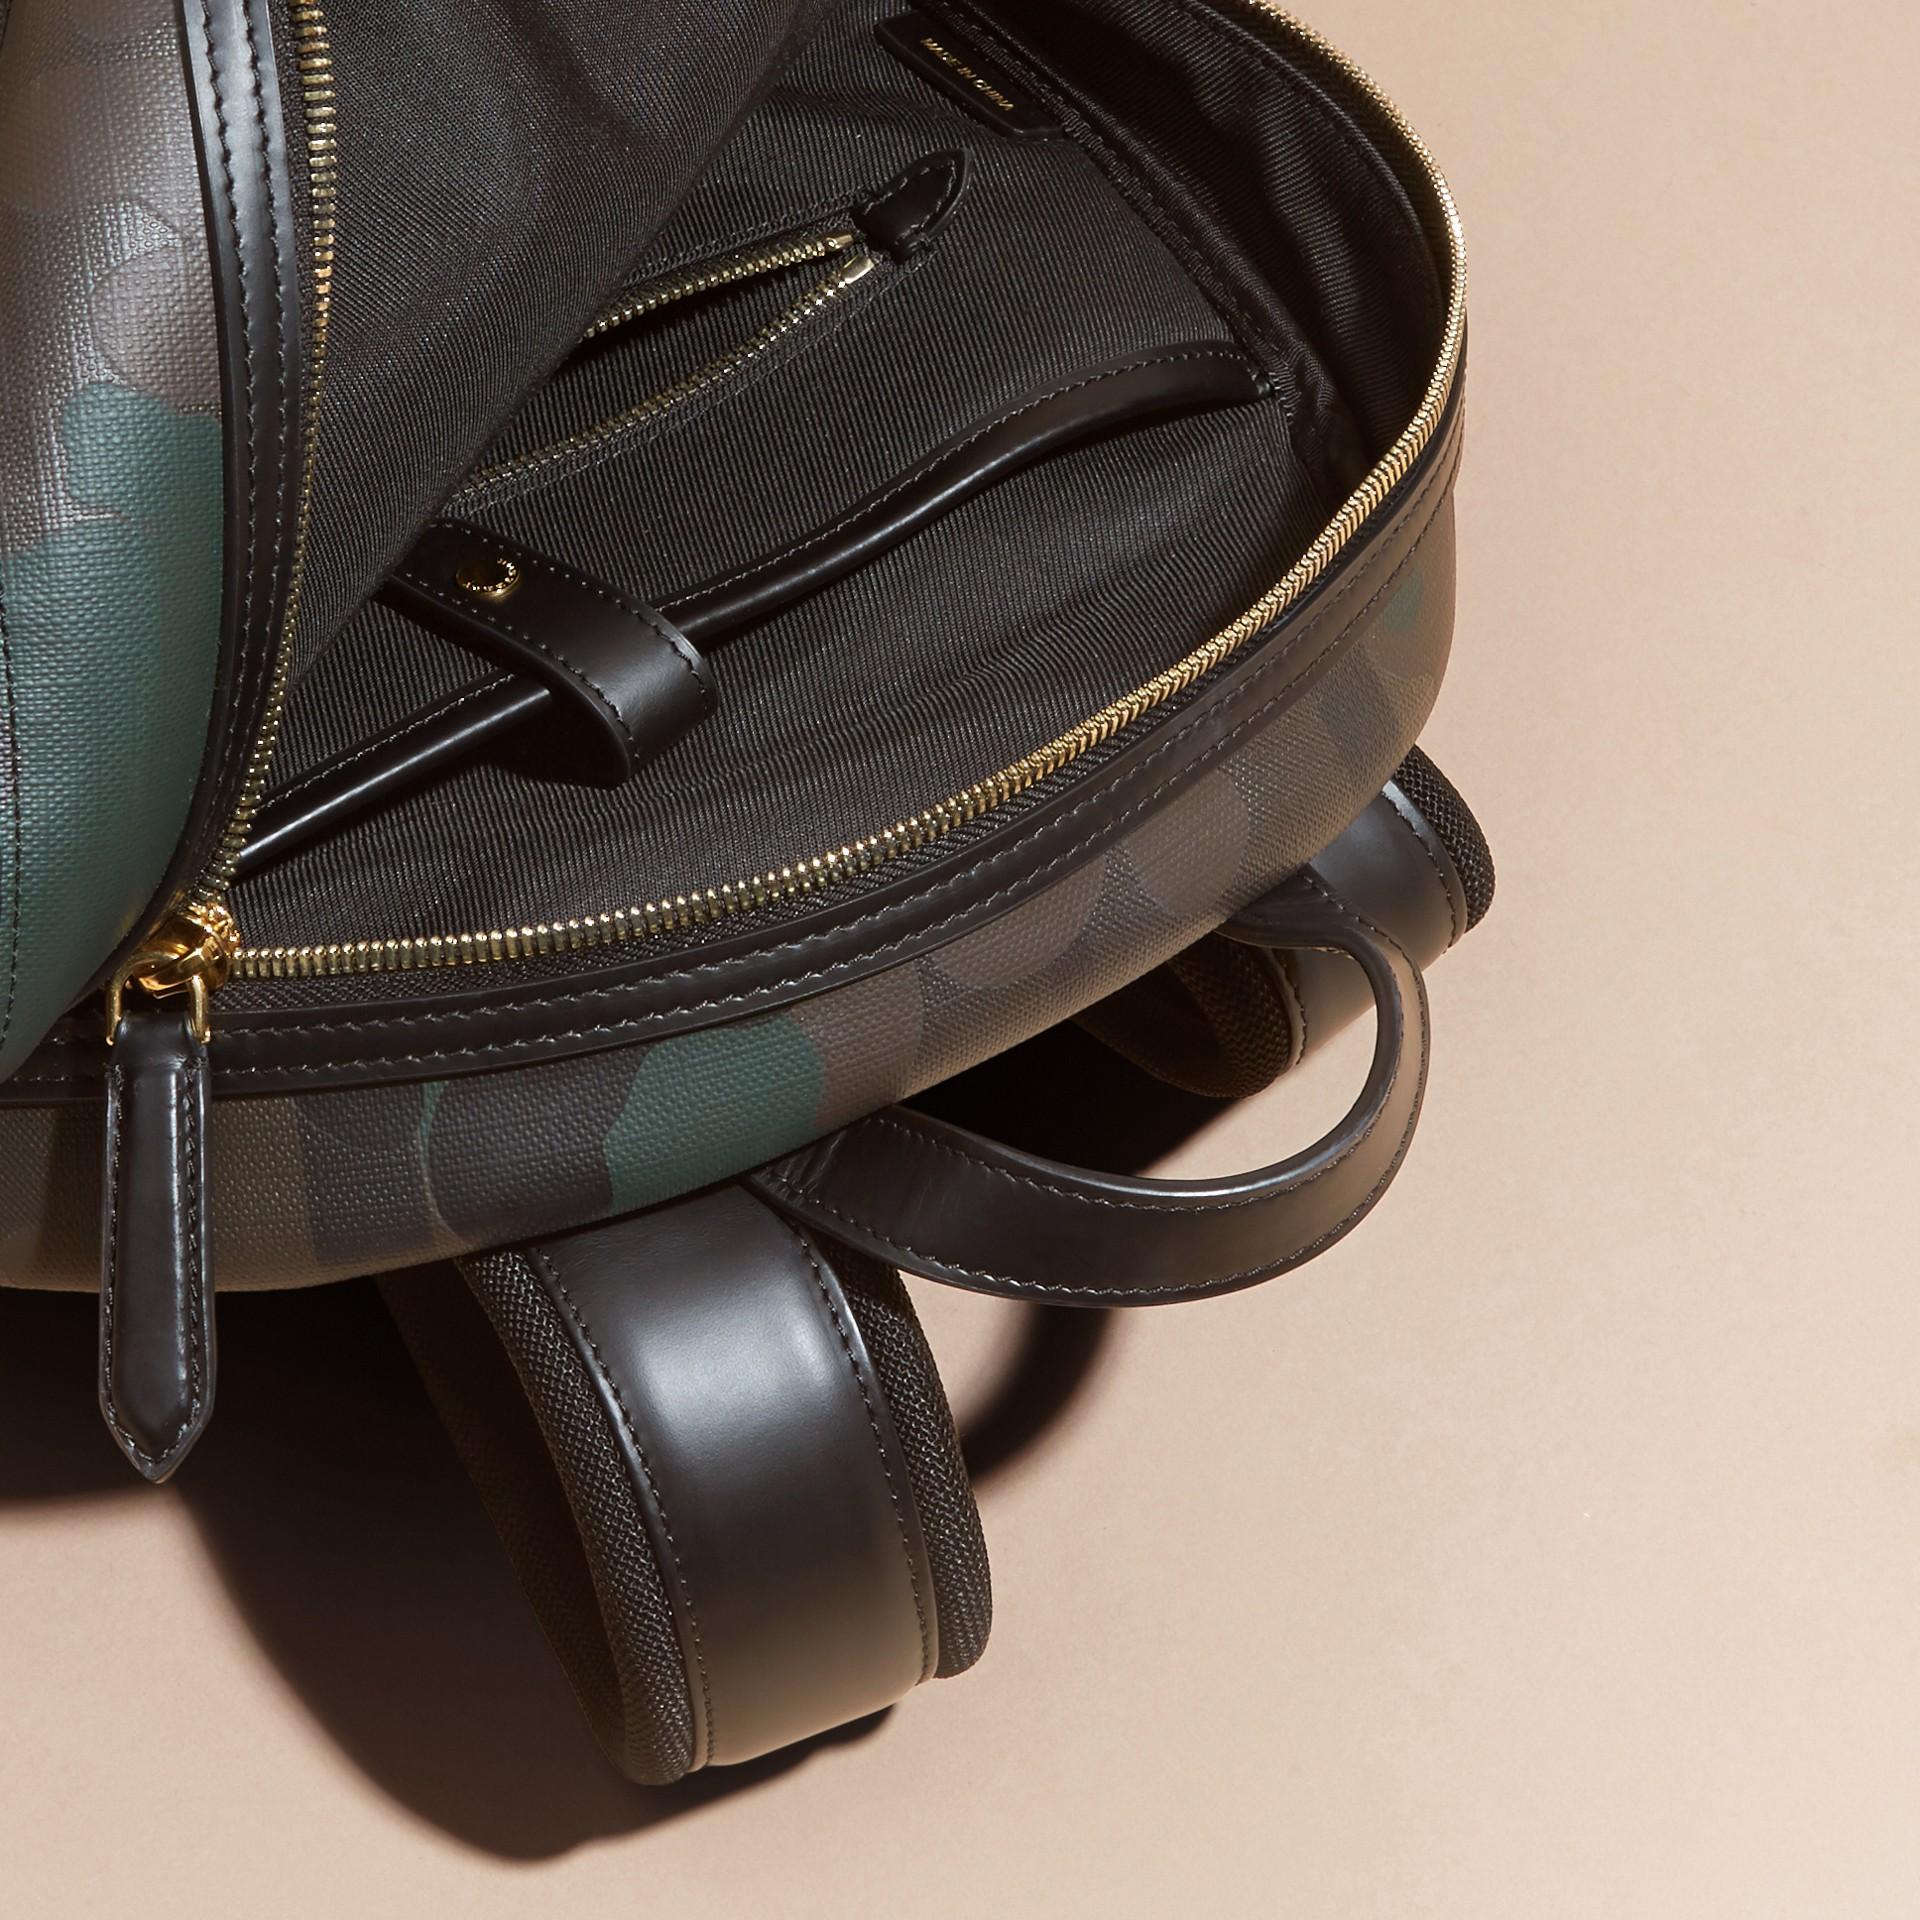 Schokoladenbraun Rucksack in London Check mit Camouflage-Druck - Galerie-Bild 2